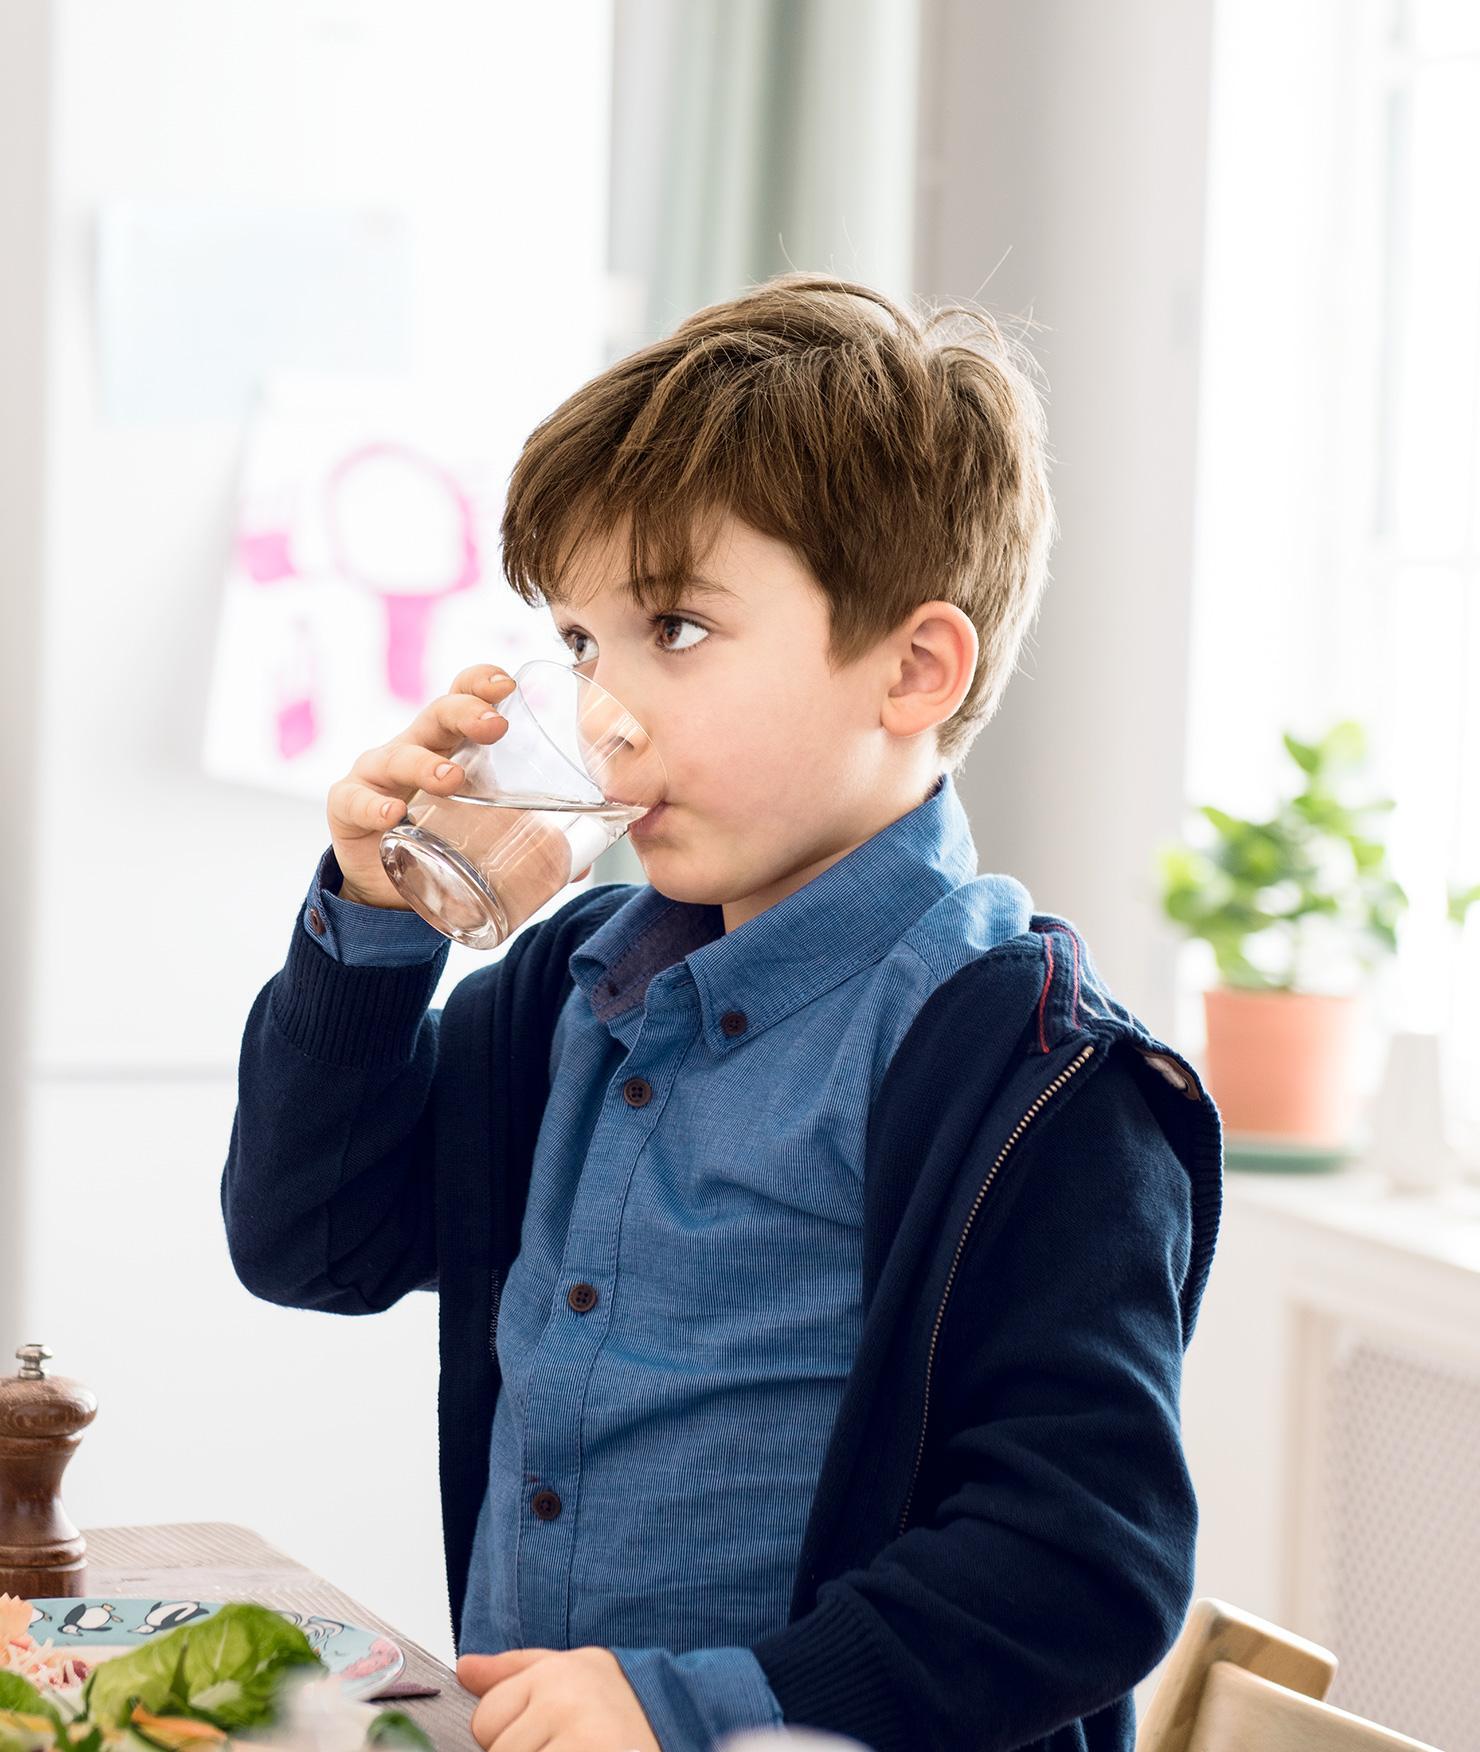 BRITA besoin hydratation perso garçon buvant l'eau